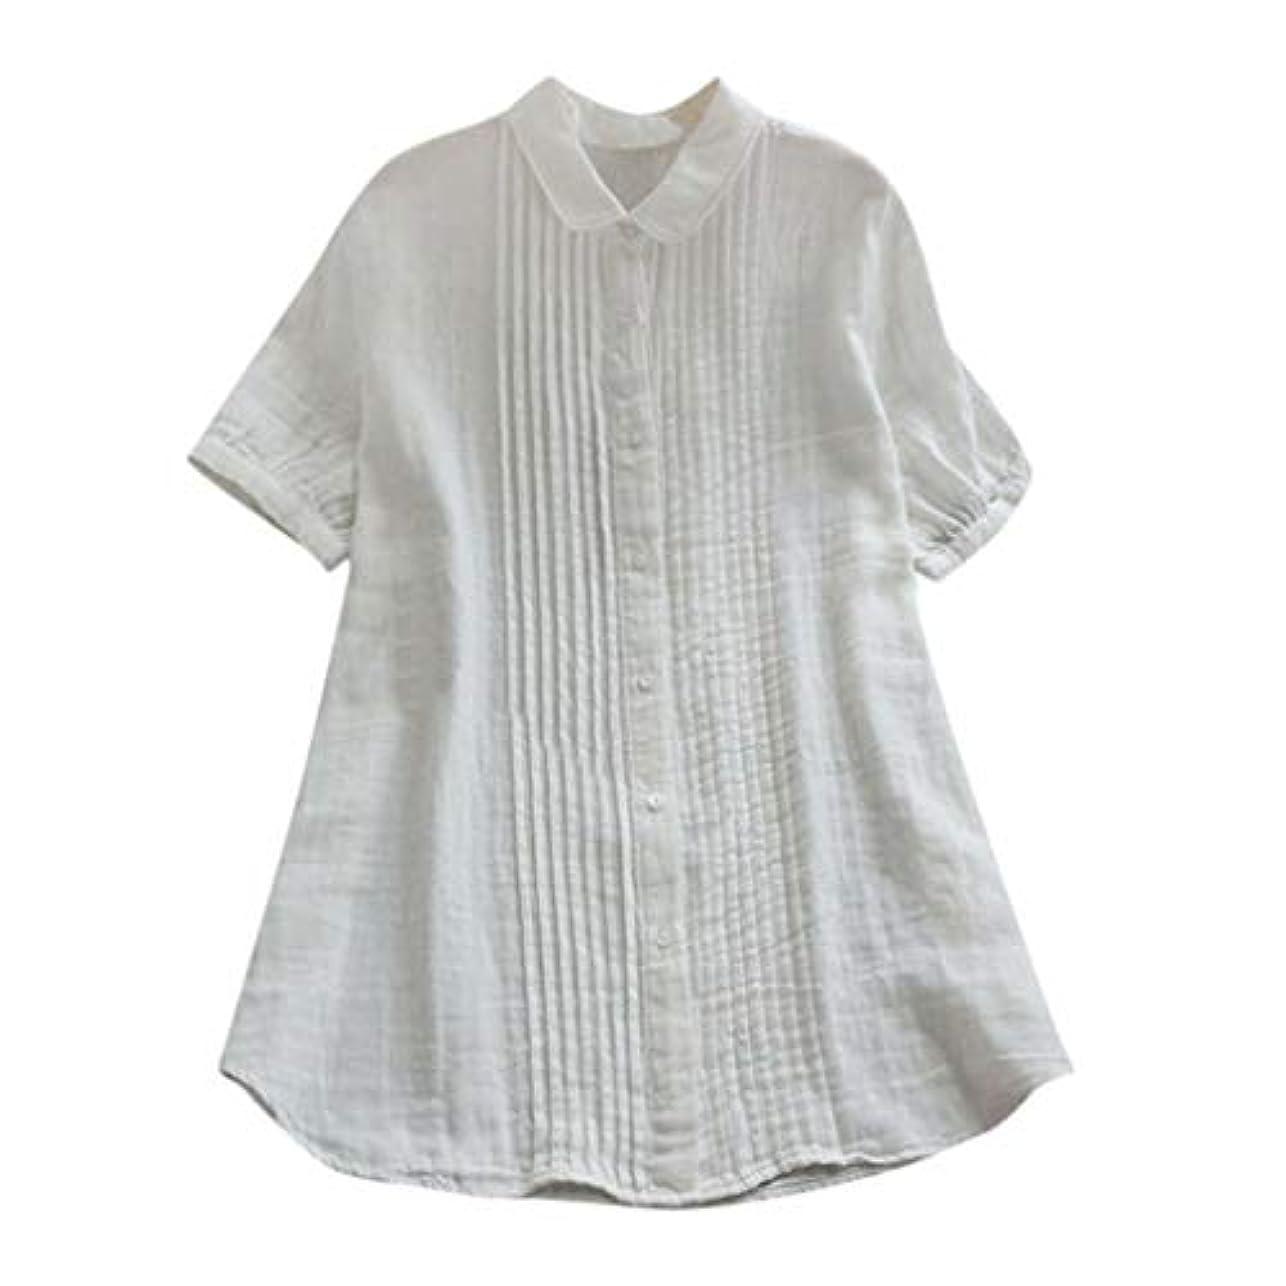 ハードウェア構造伝説女性の半袖Tシャツ - ピーターパンカラー夏緩い無地カジュアルダウントップスブラウス (白, S)